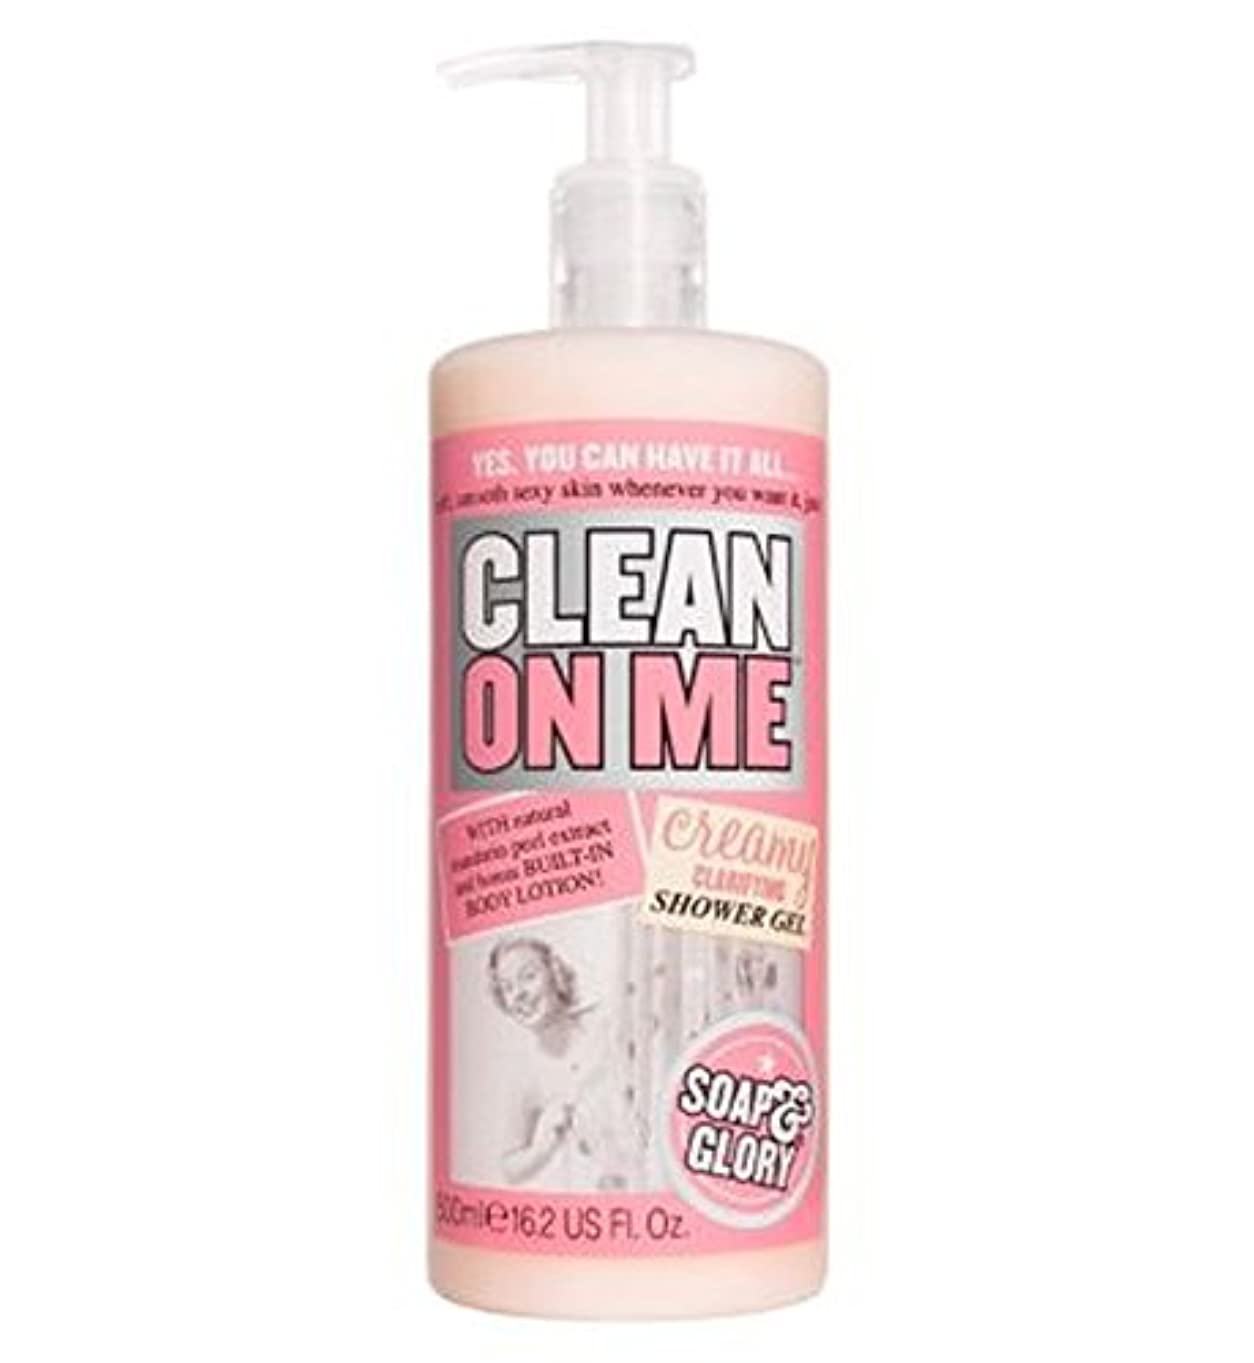 味わう野球レースSoap & Glory Clean On Me Creamy Clarifying Shower Gel 500ml - 私にきれいな石鹸&栄光はシャワージェル500ミリリットルを明確にクリーミー (Soap & Glory...